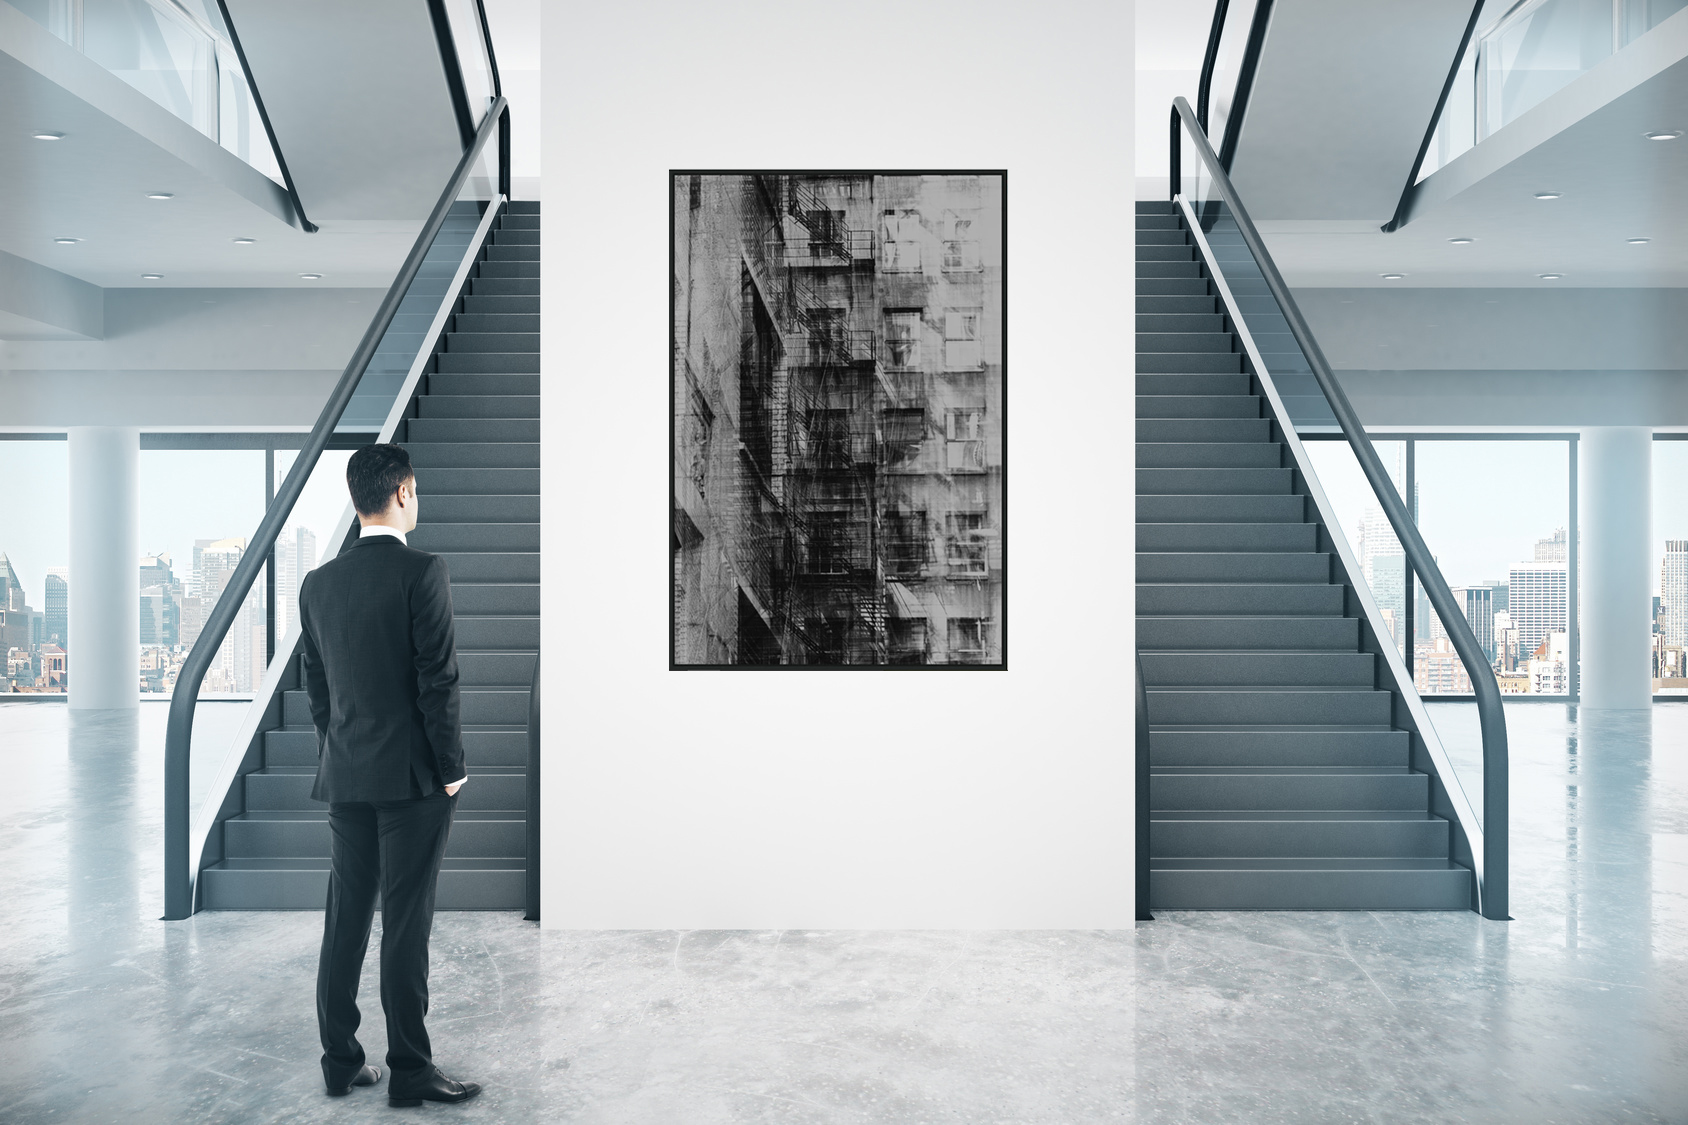 Aufhänge Beispiel / Hanging Example